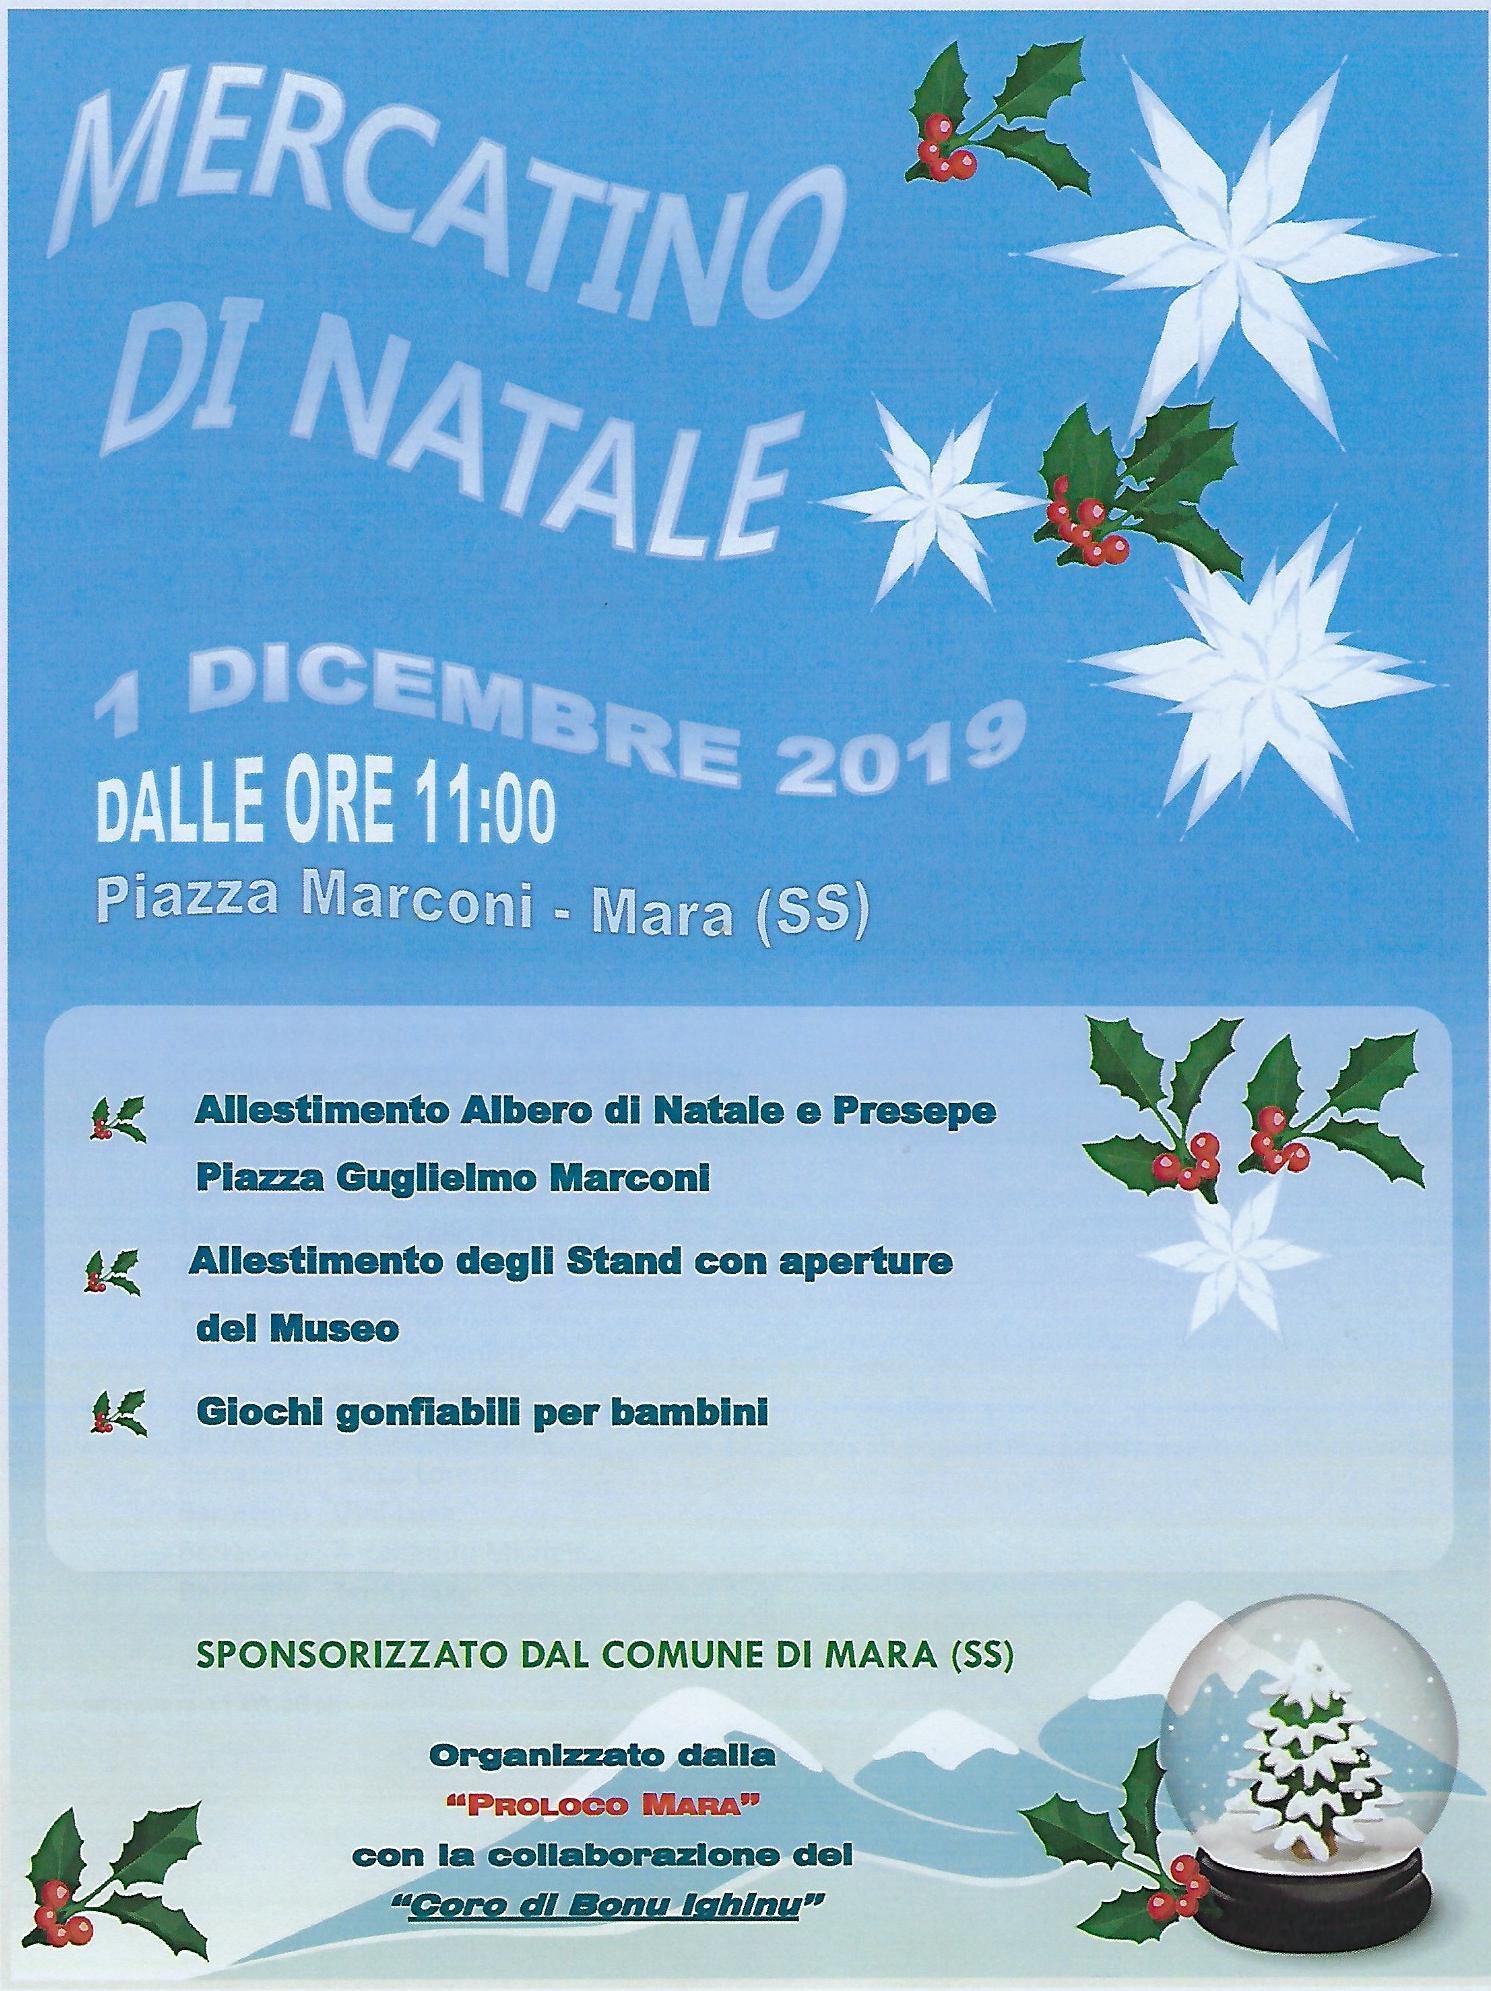 MERCATINO DI NATALE 01/12/2019 - MODULI PER GLI HOBBISTI